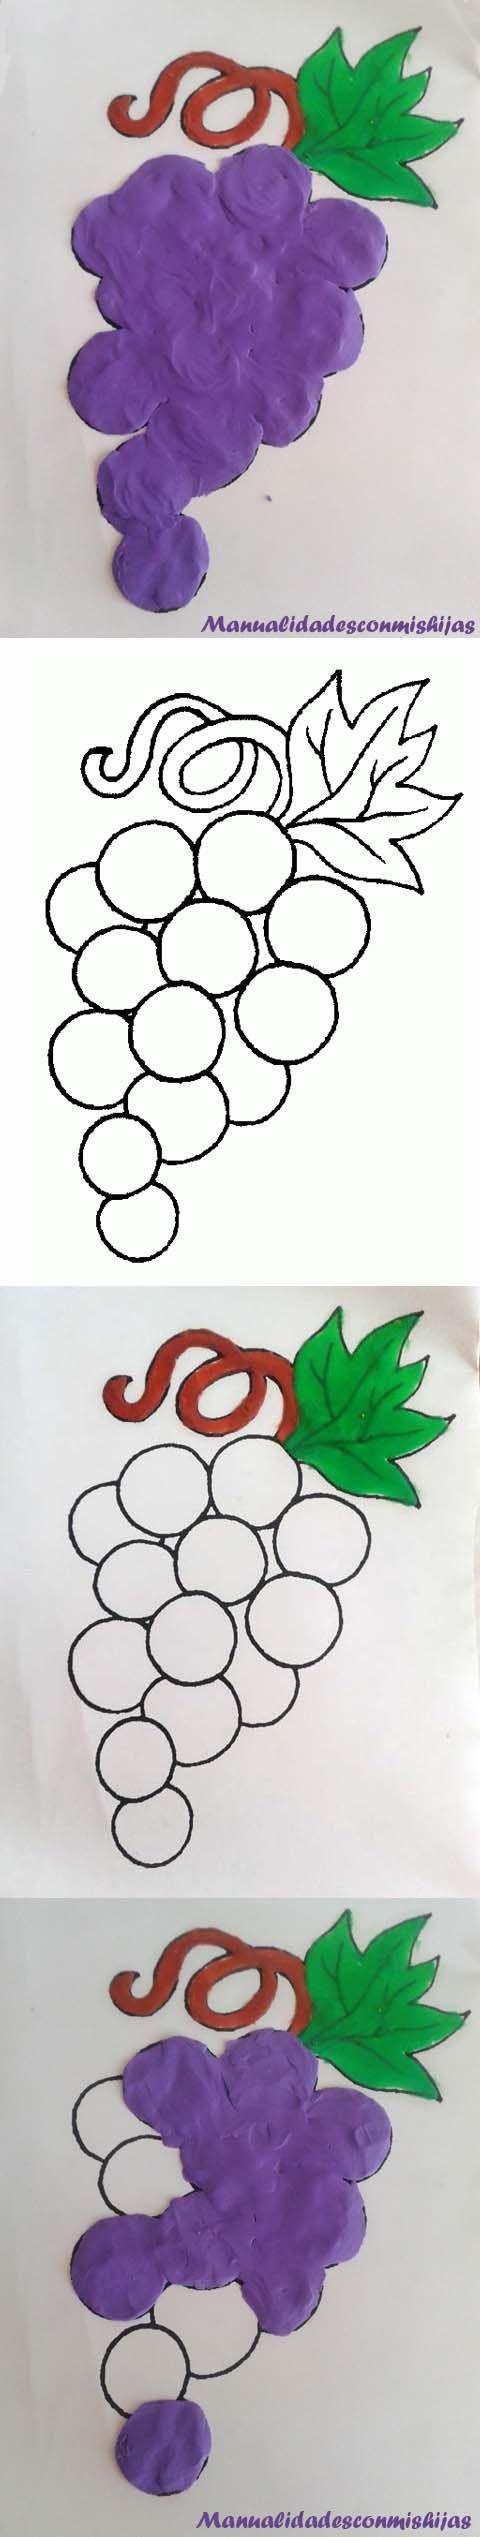 Manualidadesconmishijas: Pintando racimo de uvas y otras frutas con plastilina con su molde. fruit grapes template playdough